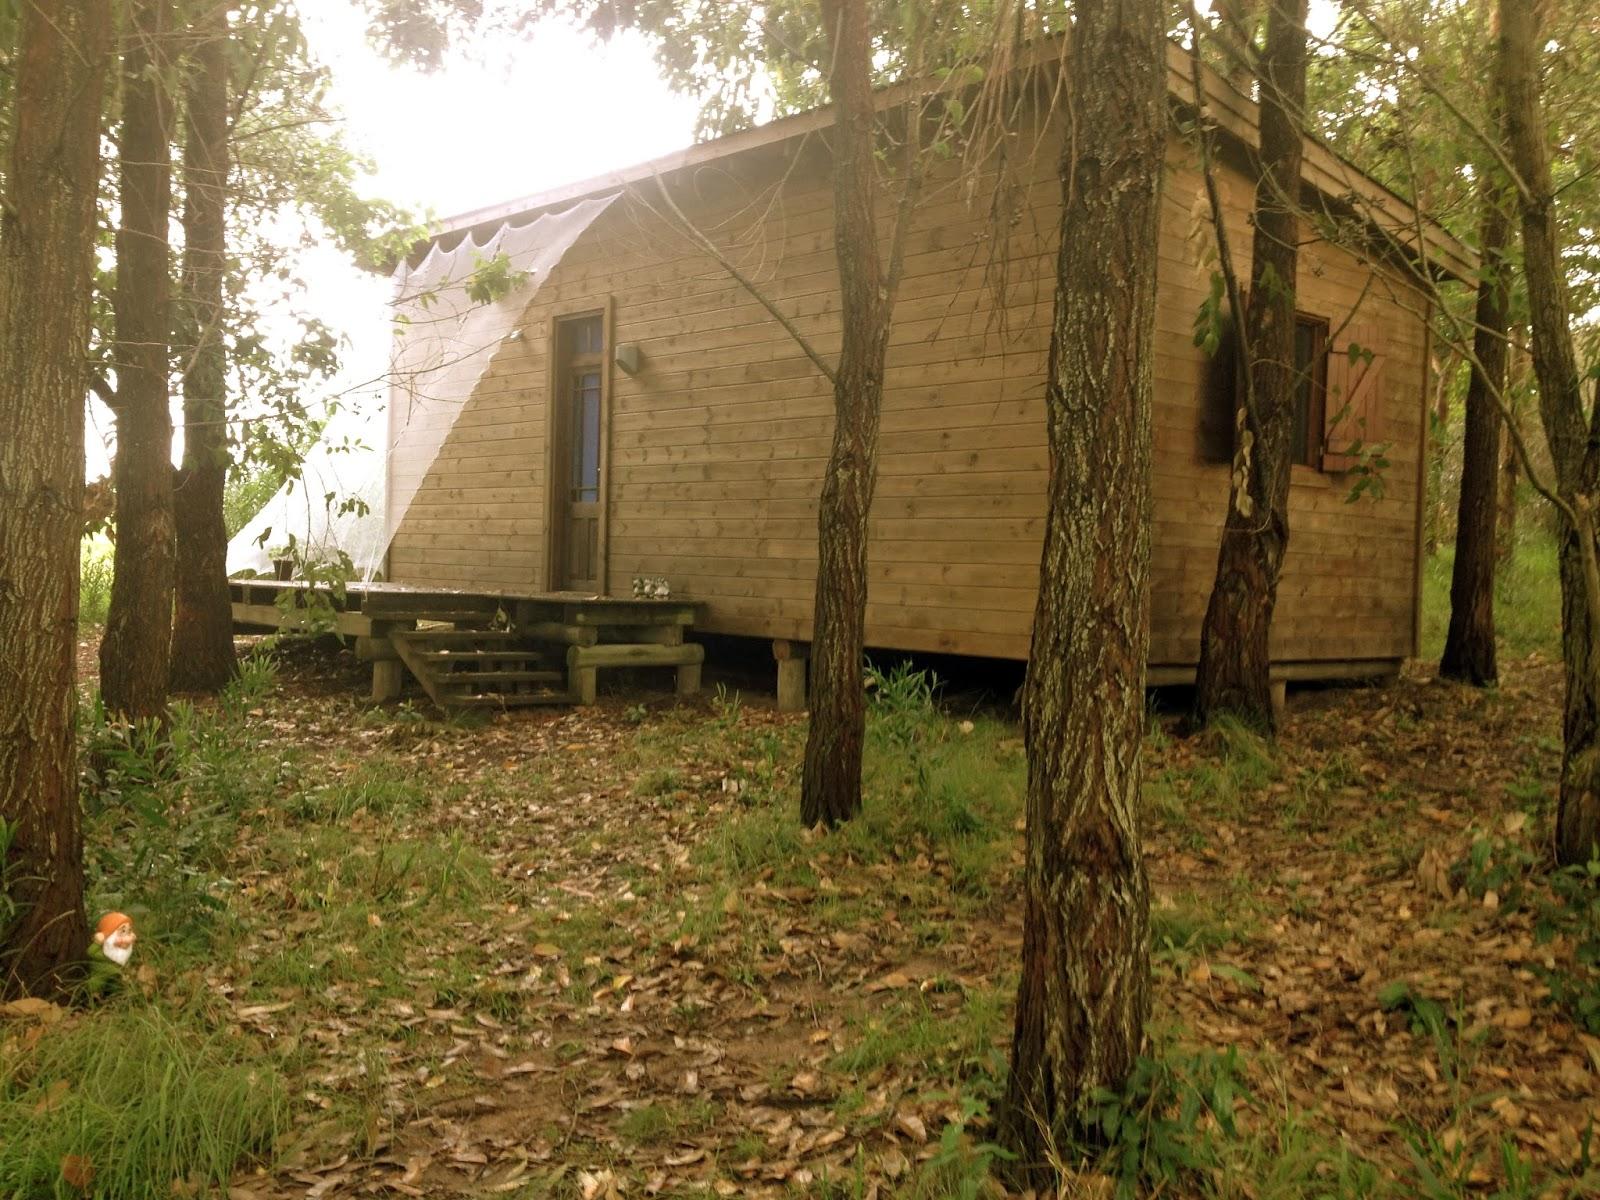 Anabiblis in s arteta la casita en el bosque - Casitas en el bosque ...